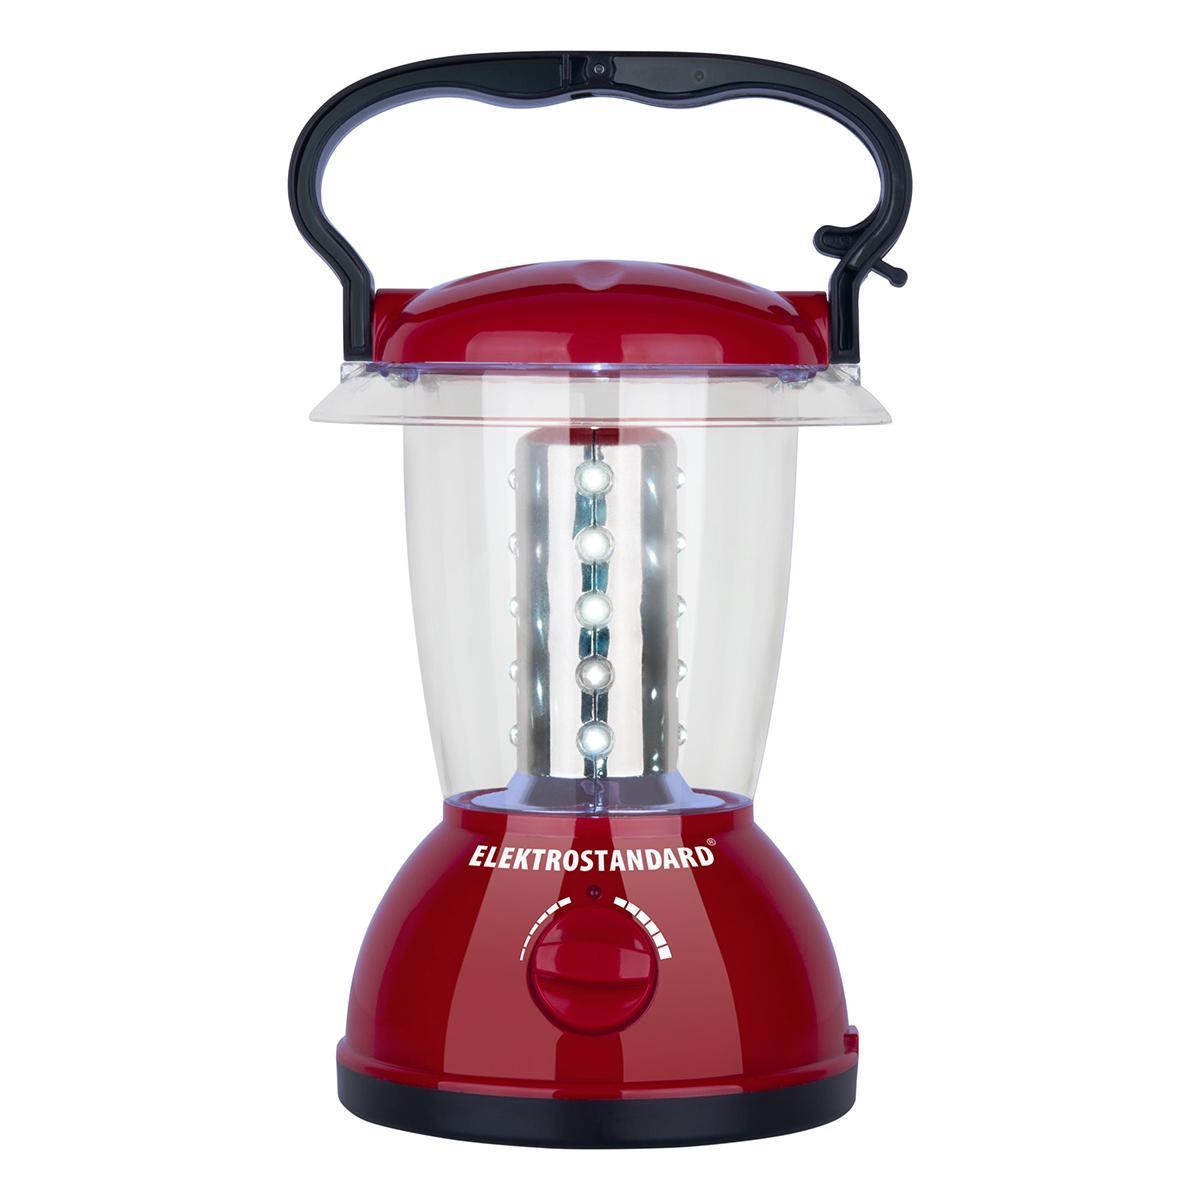 Кемпинговый светодиодный фонарь Elektrostandard Stanley аккумуляторный 213х125 160 лм 4690389101083 кемпинговый светодиодный фонарь elektrostandard light station аккумуляторный 120 лм 4690389049224